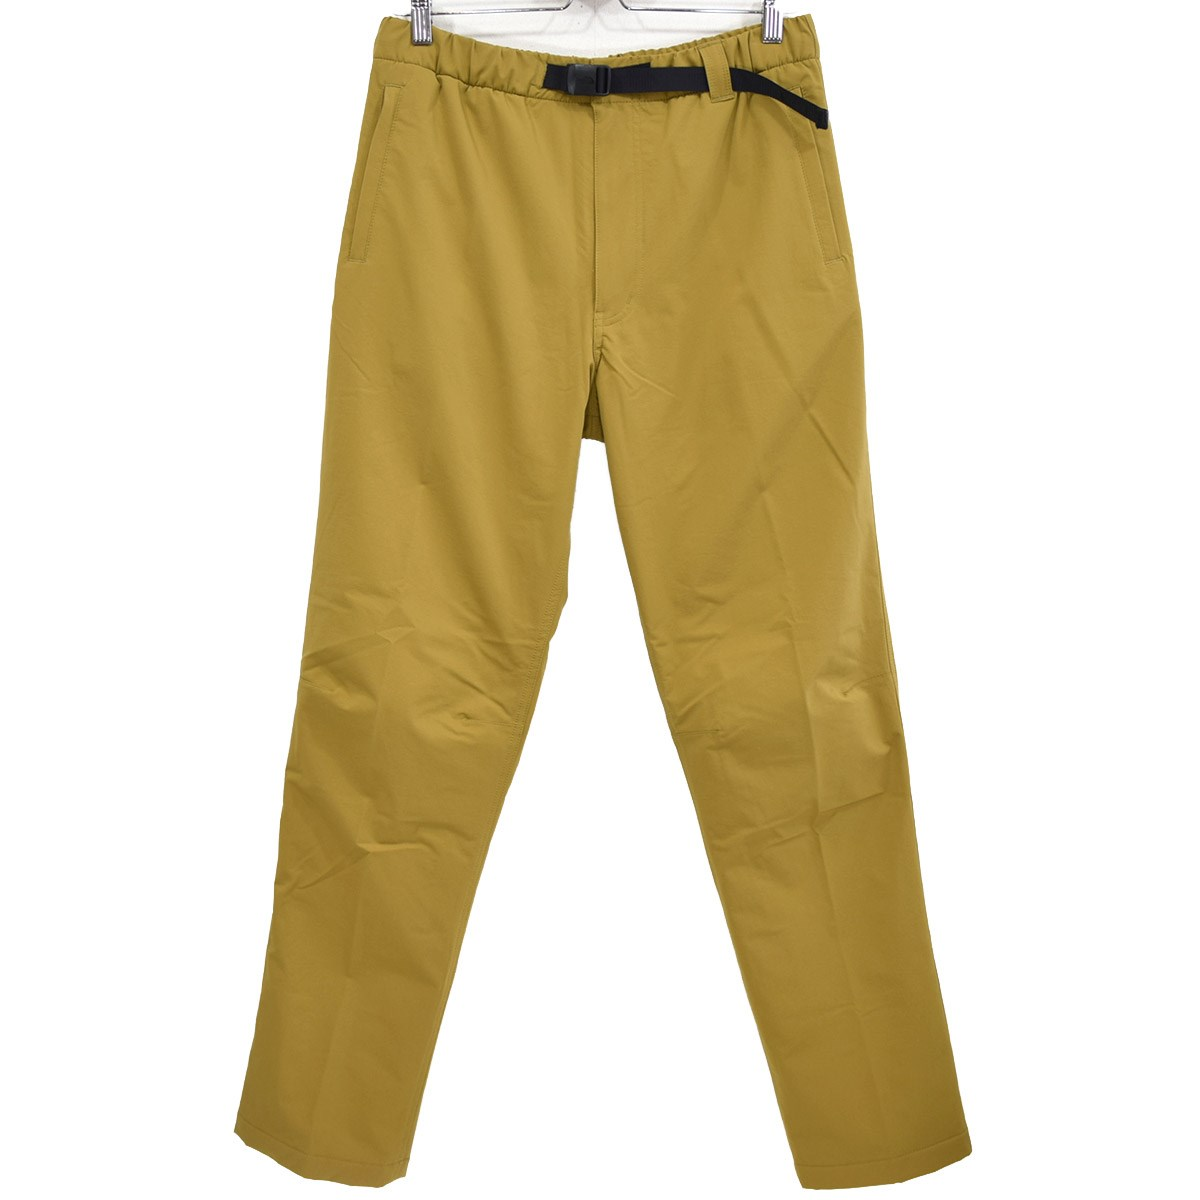 【中古】THE NORTH FACE Doro Warm pants ドーローウォームパンツ NB81805 カーキブラウン サイズ:L 【140120】(ザノースフェイス)